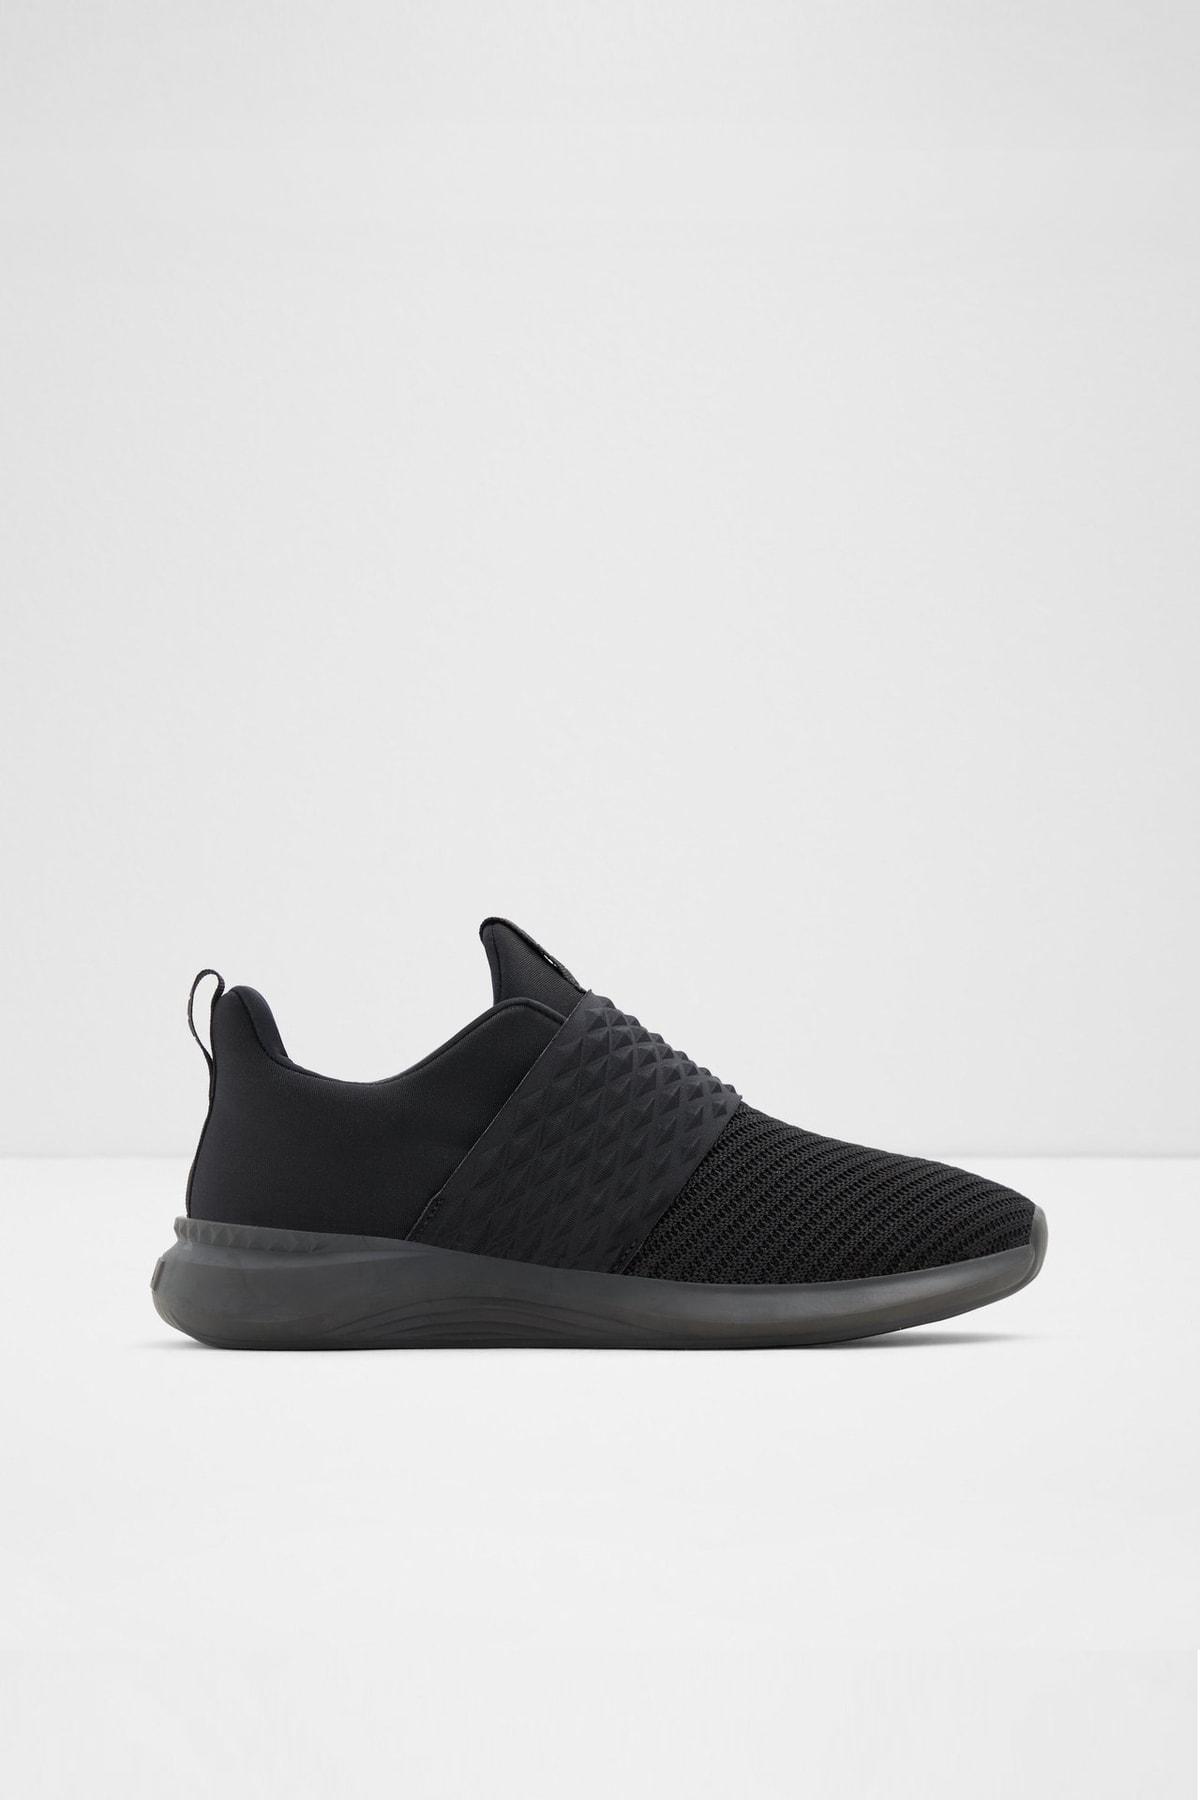 Aldo Kadın Siyah Sneaker Rpplclear2b 1